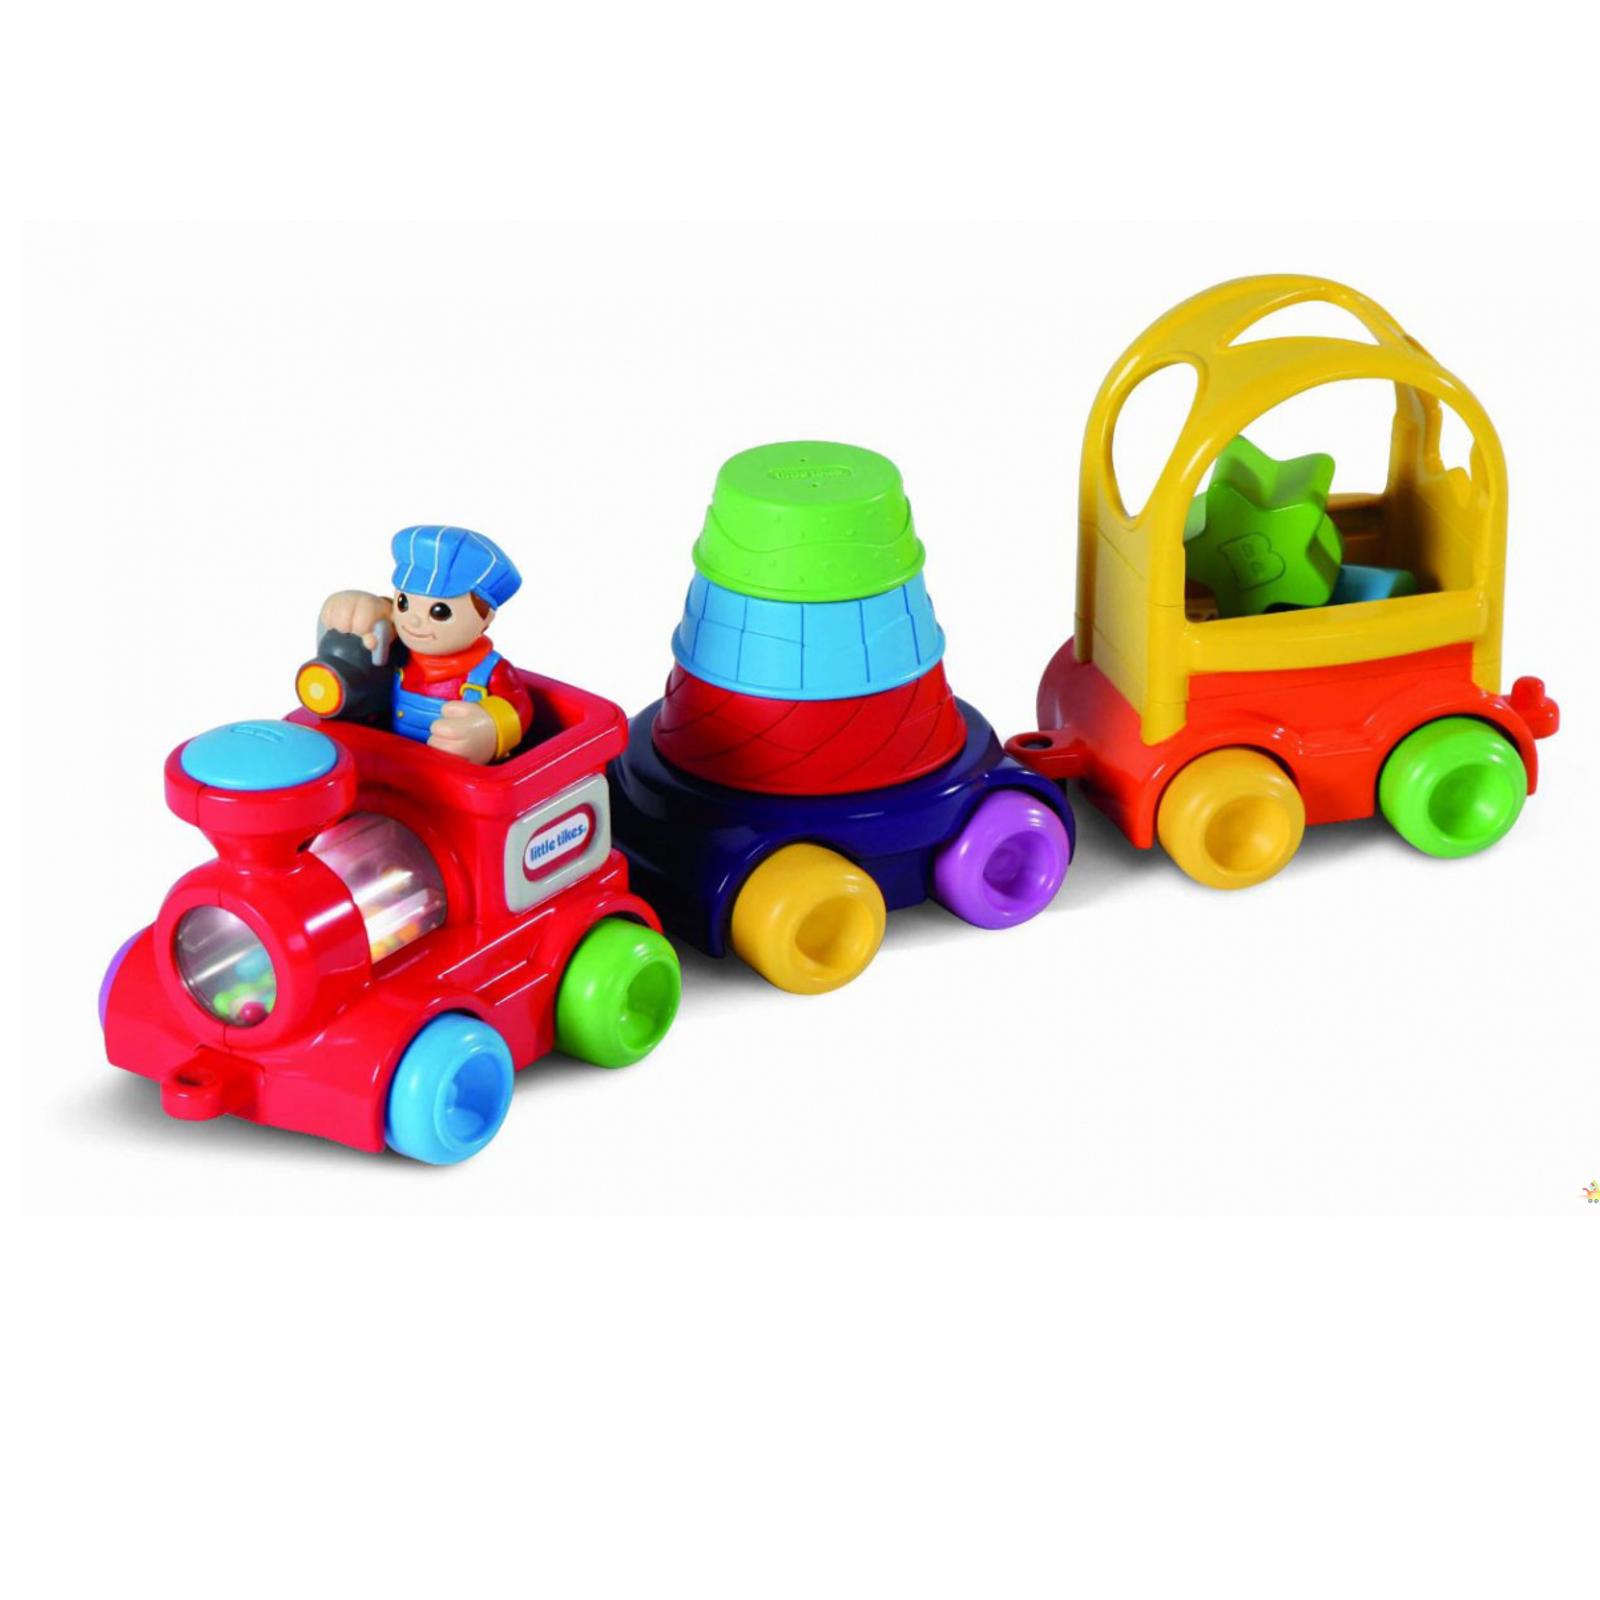 Развивающая игрушка Little Tikes Паровозик с пирамидкой и сортером с 6 мес.<br>